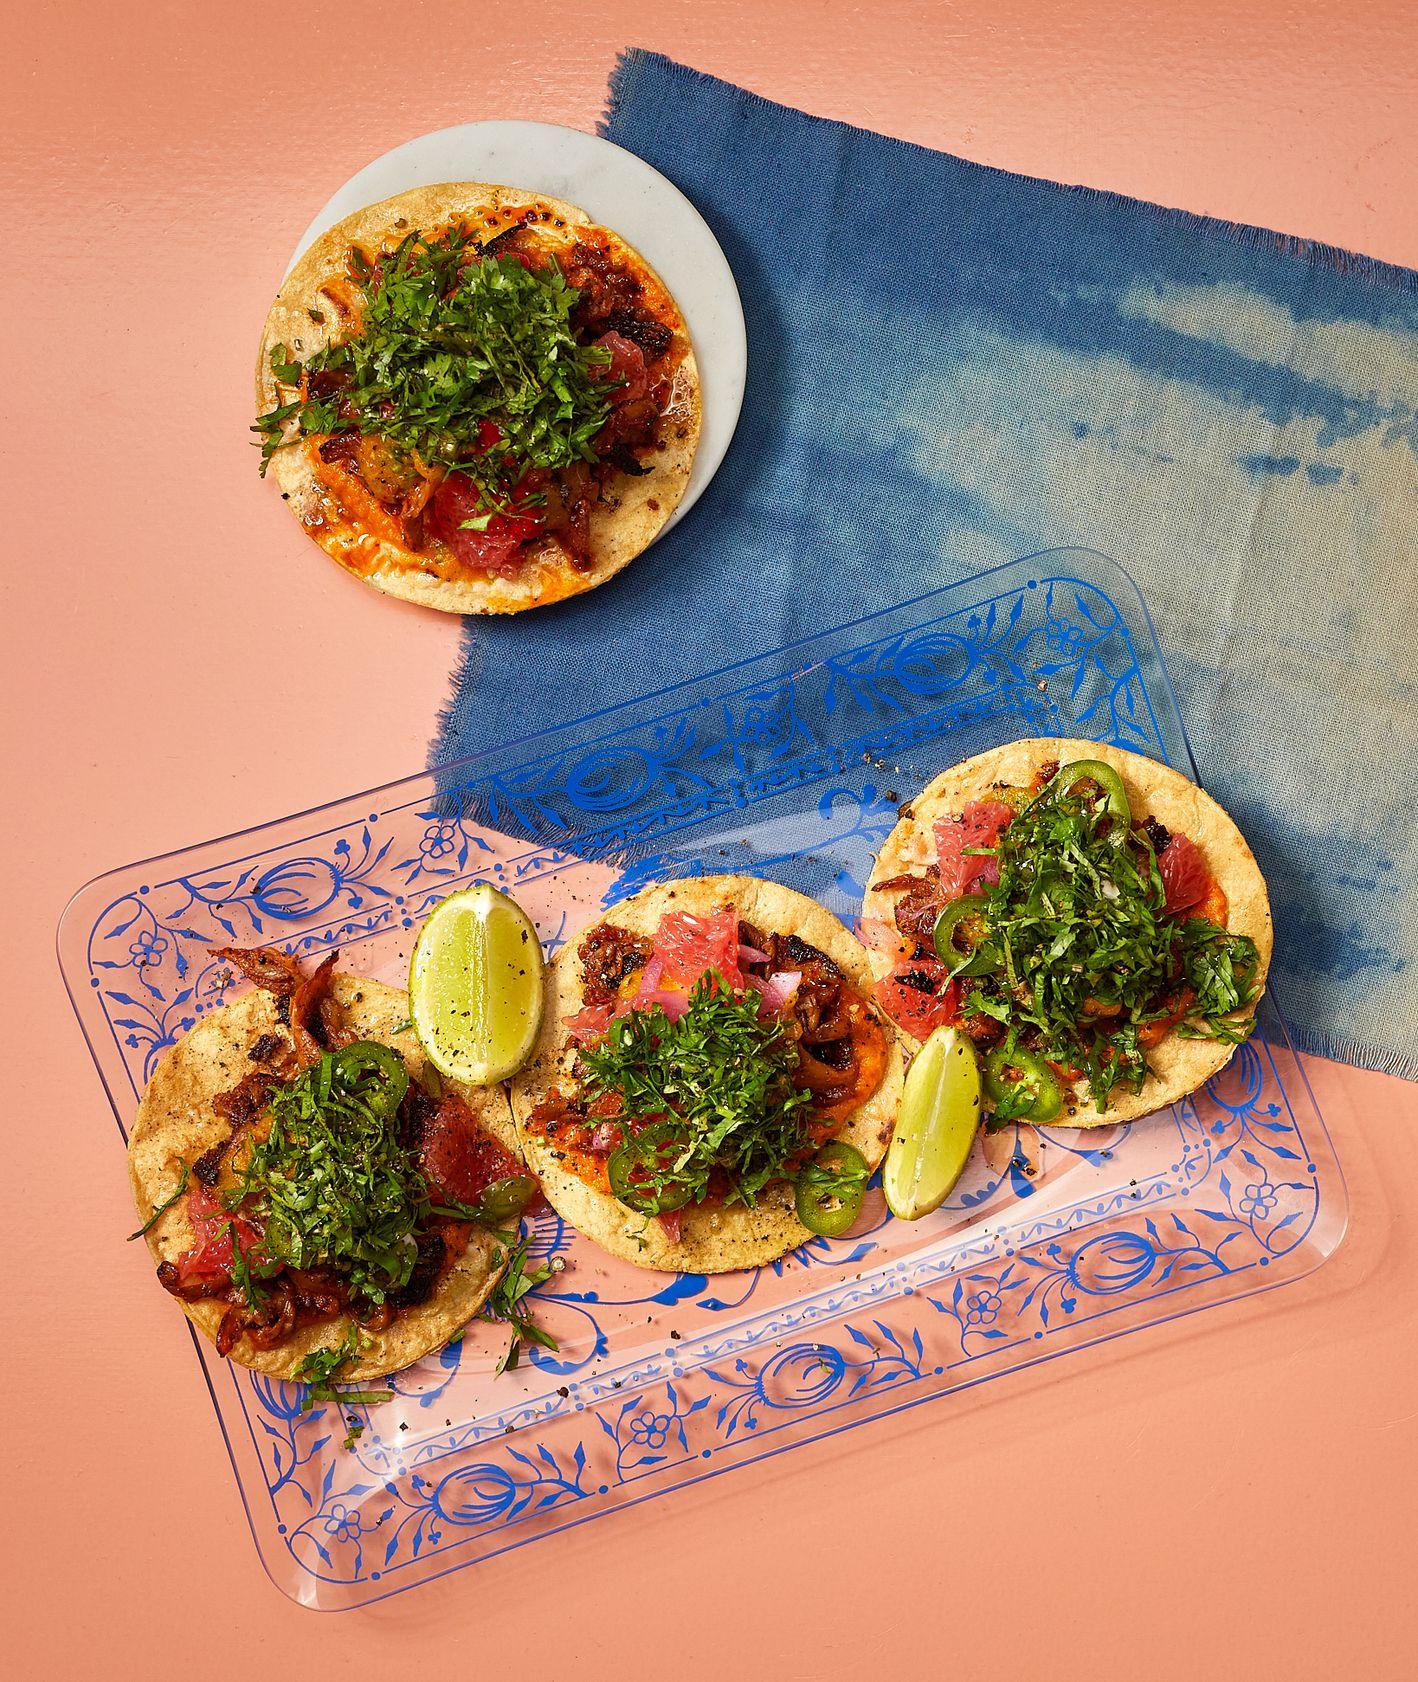 Peaches Gastro Girls, Tacos z boczniakowym carnitas i salsą z żółtych pomidorów i grejpfruta, wegańska meksykańska kuchnia (fot. Maciej Niemojewski)